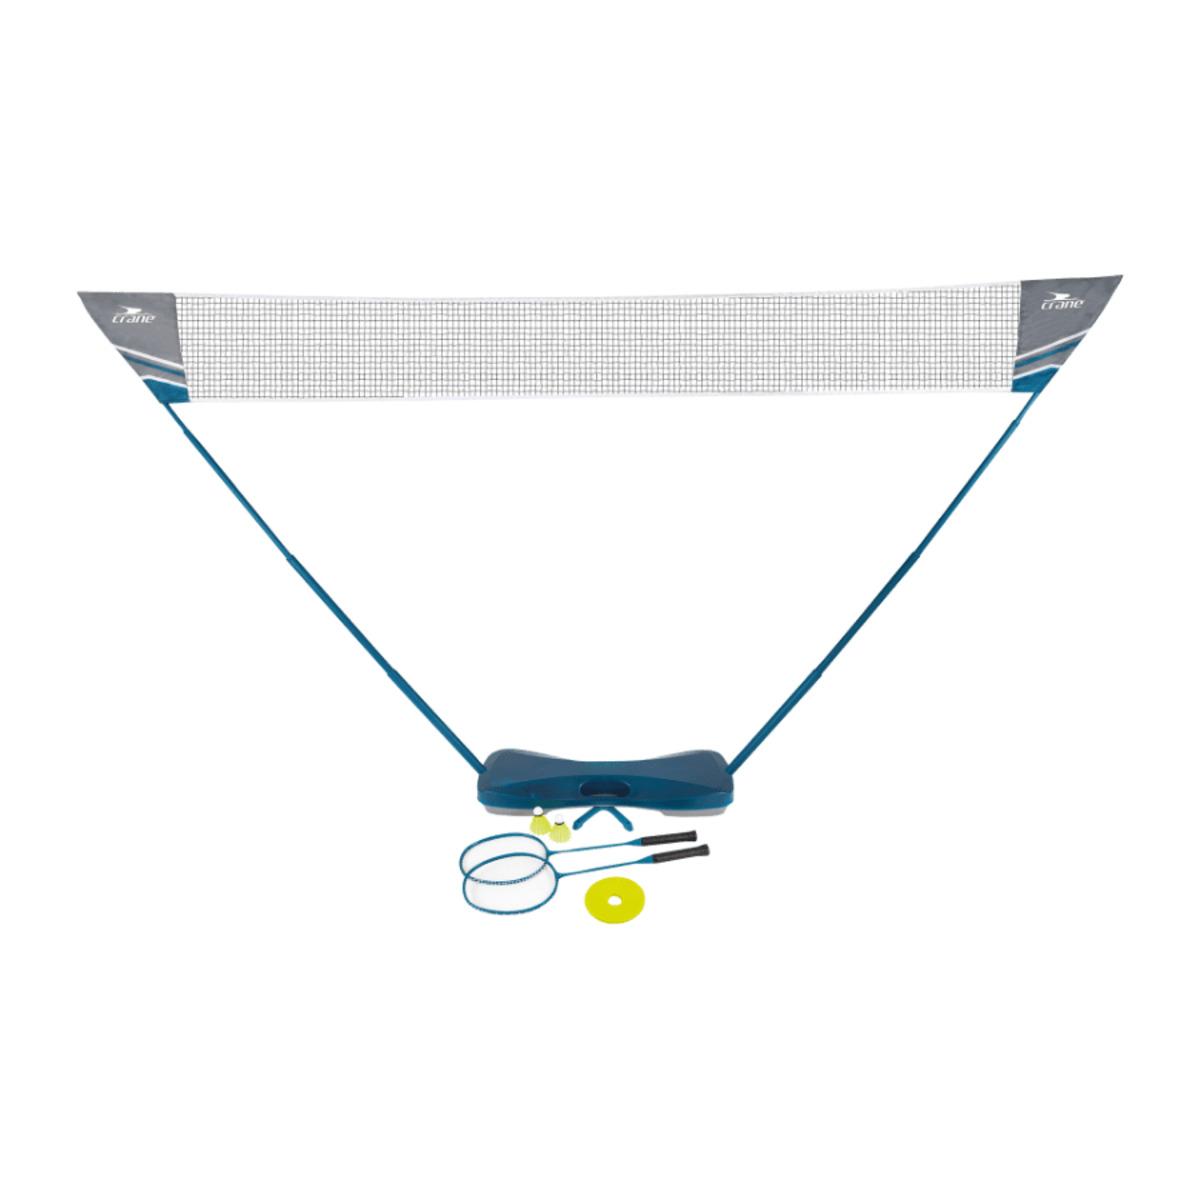 Bild 3 von CRANE     Badminton Set mit Standfuß